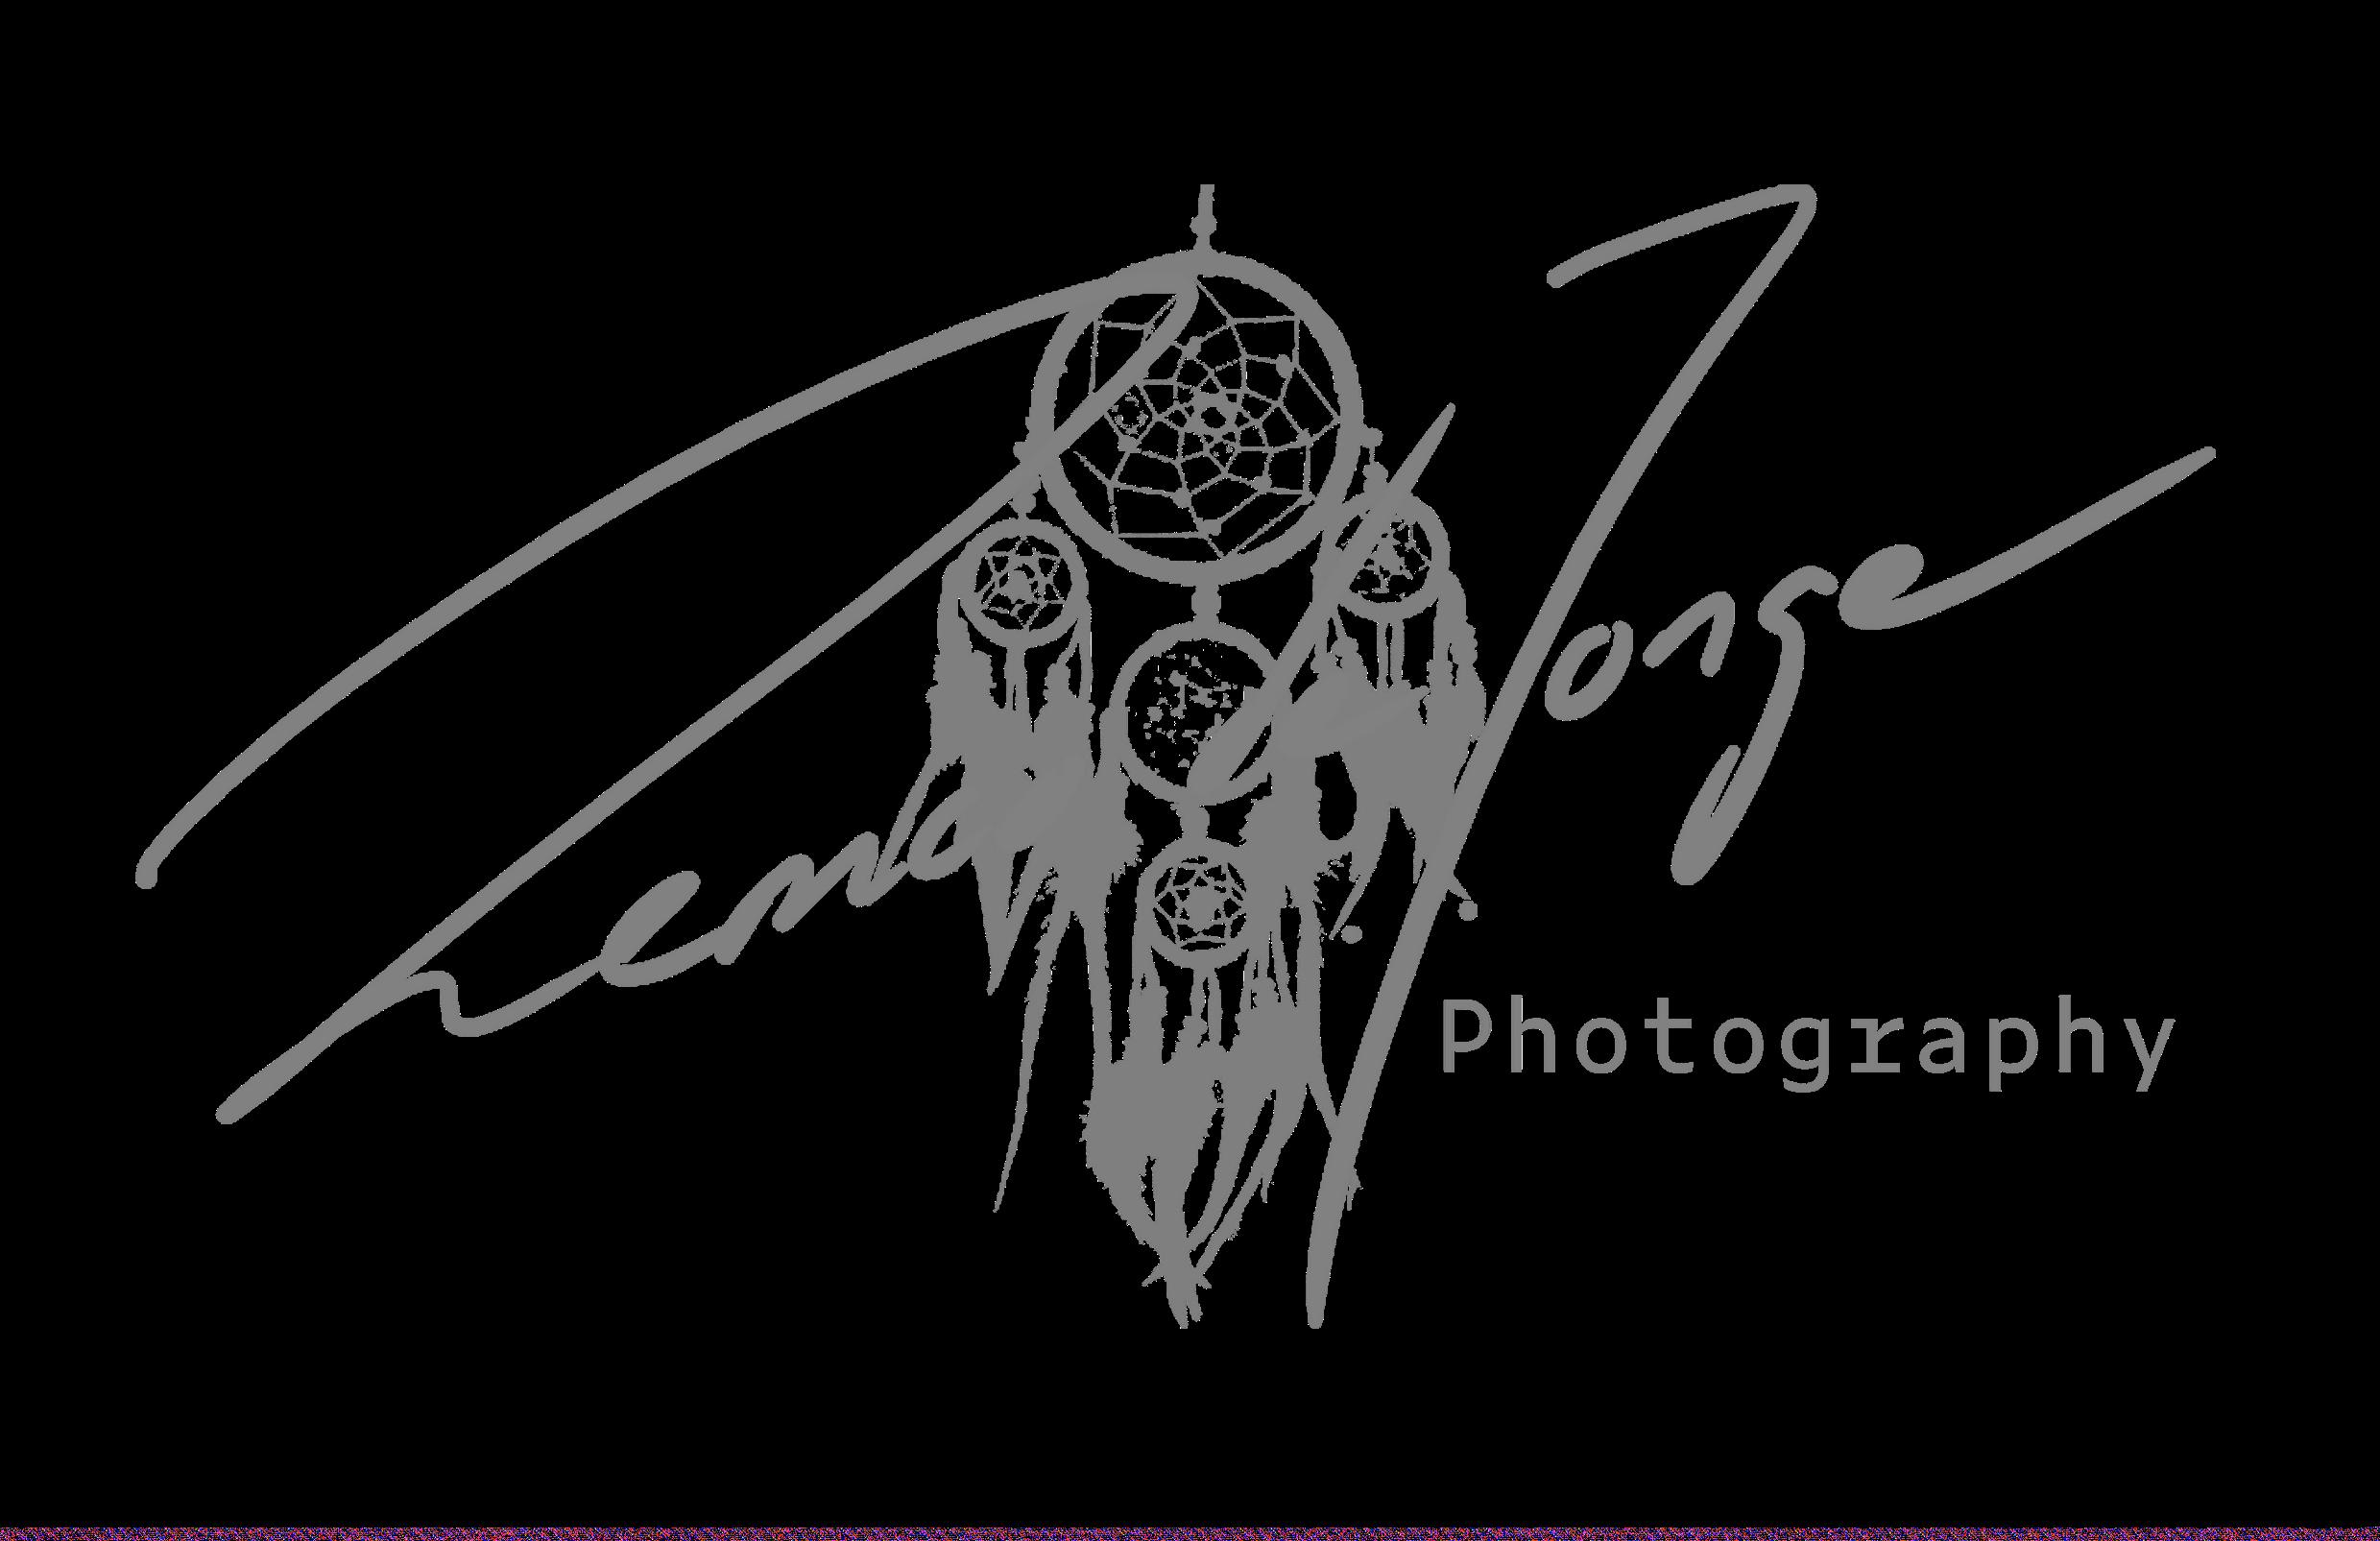 Remco de Jonge Photography